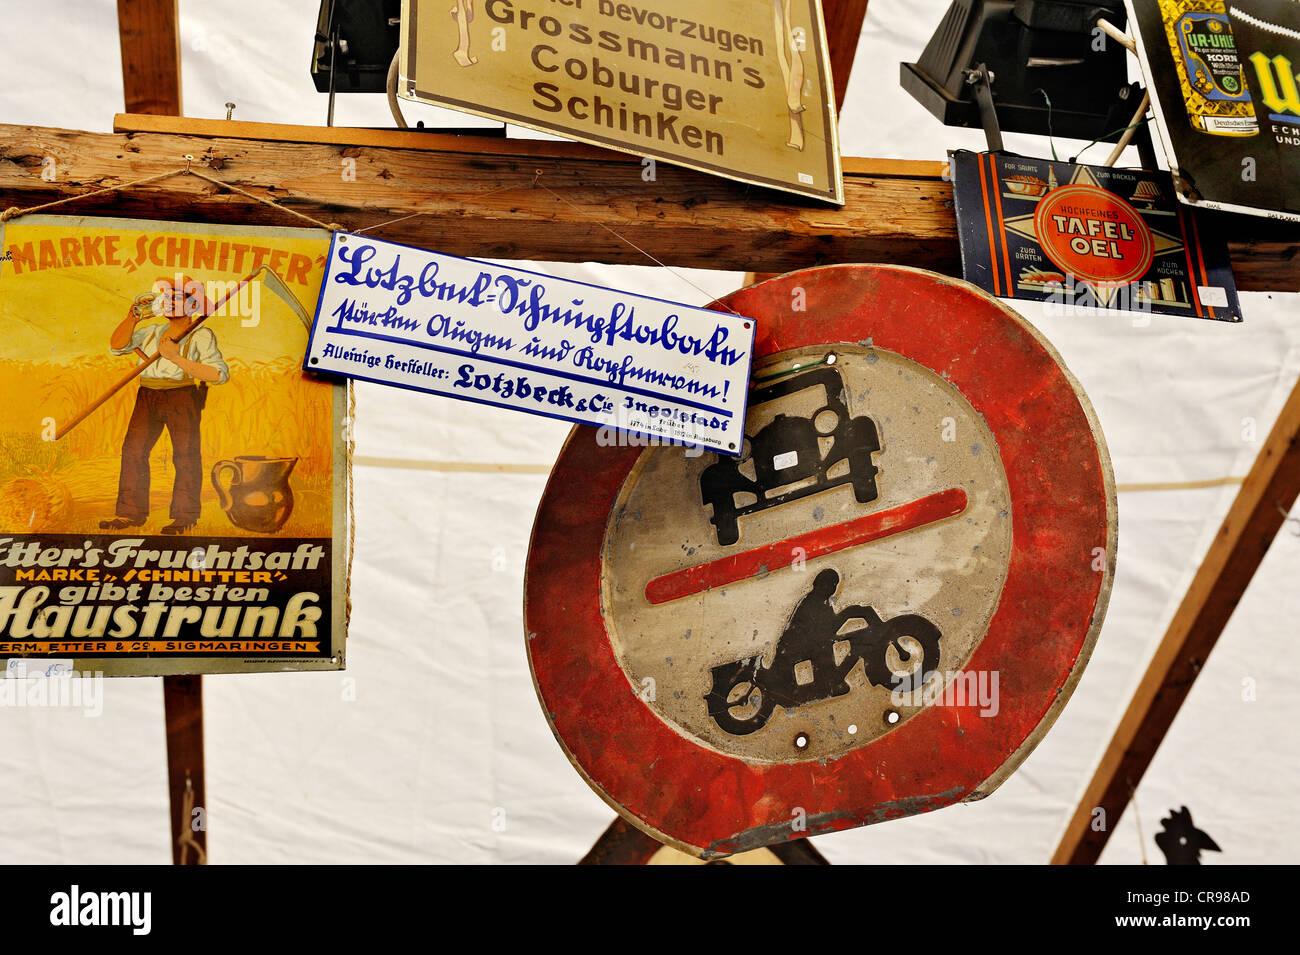 Alte Werbung und Traffic signs, Auer Dult Markt, München, Bayern, Deutschland, Europa Stockbild